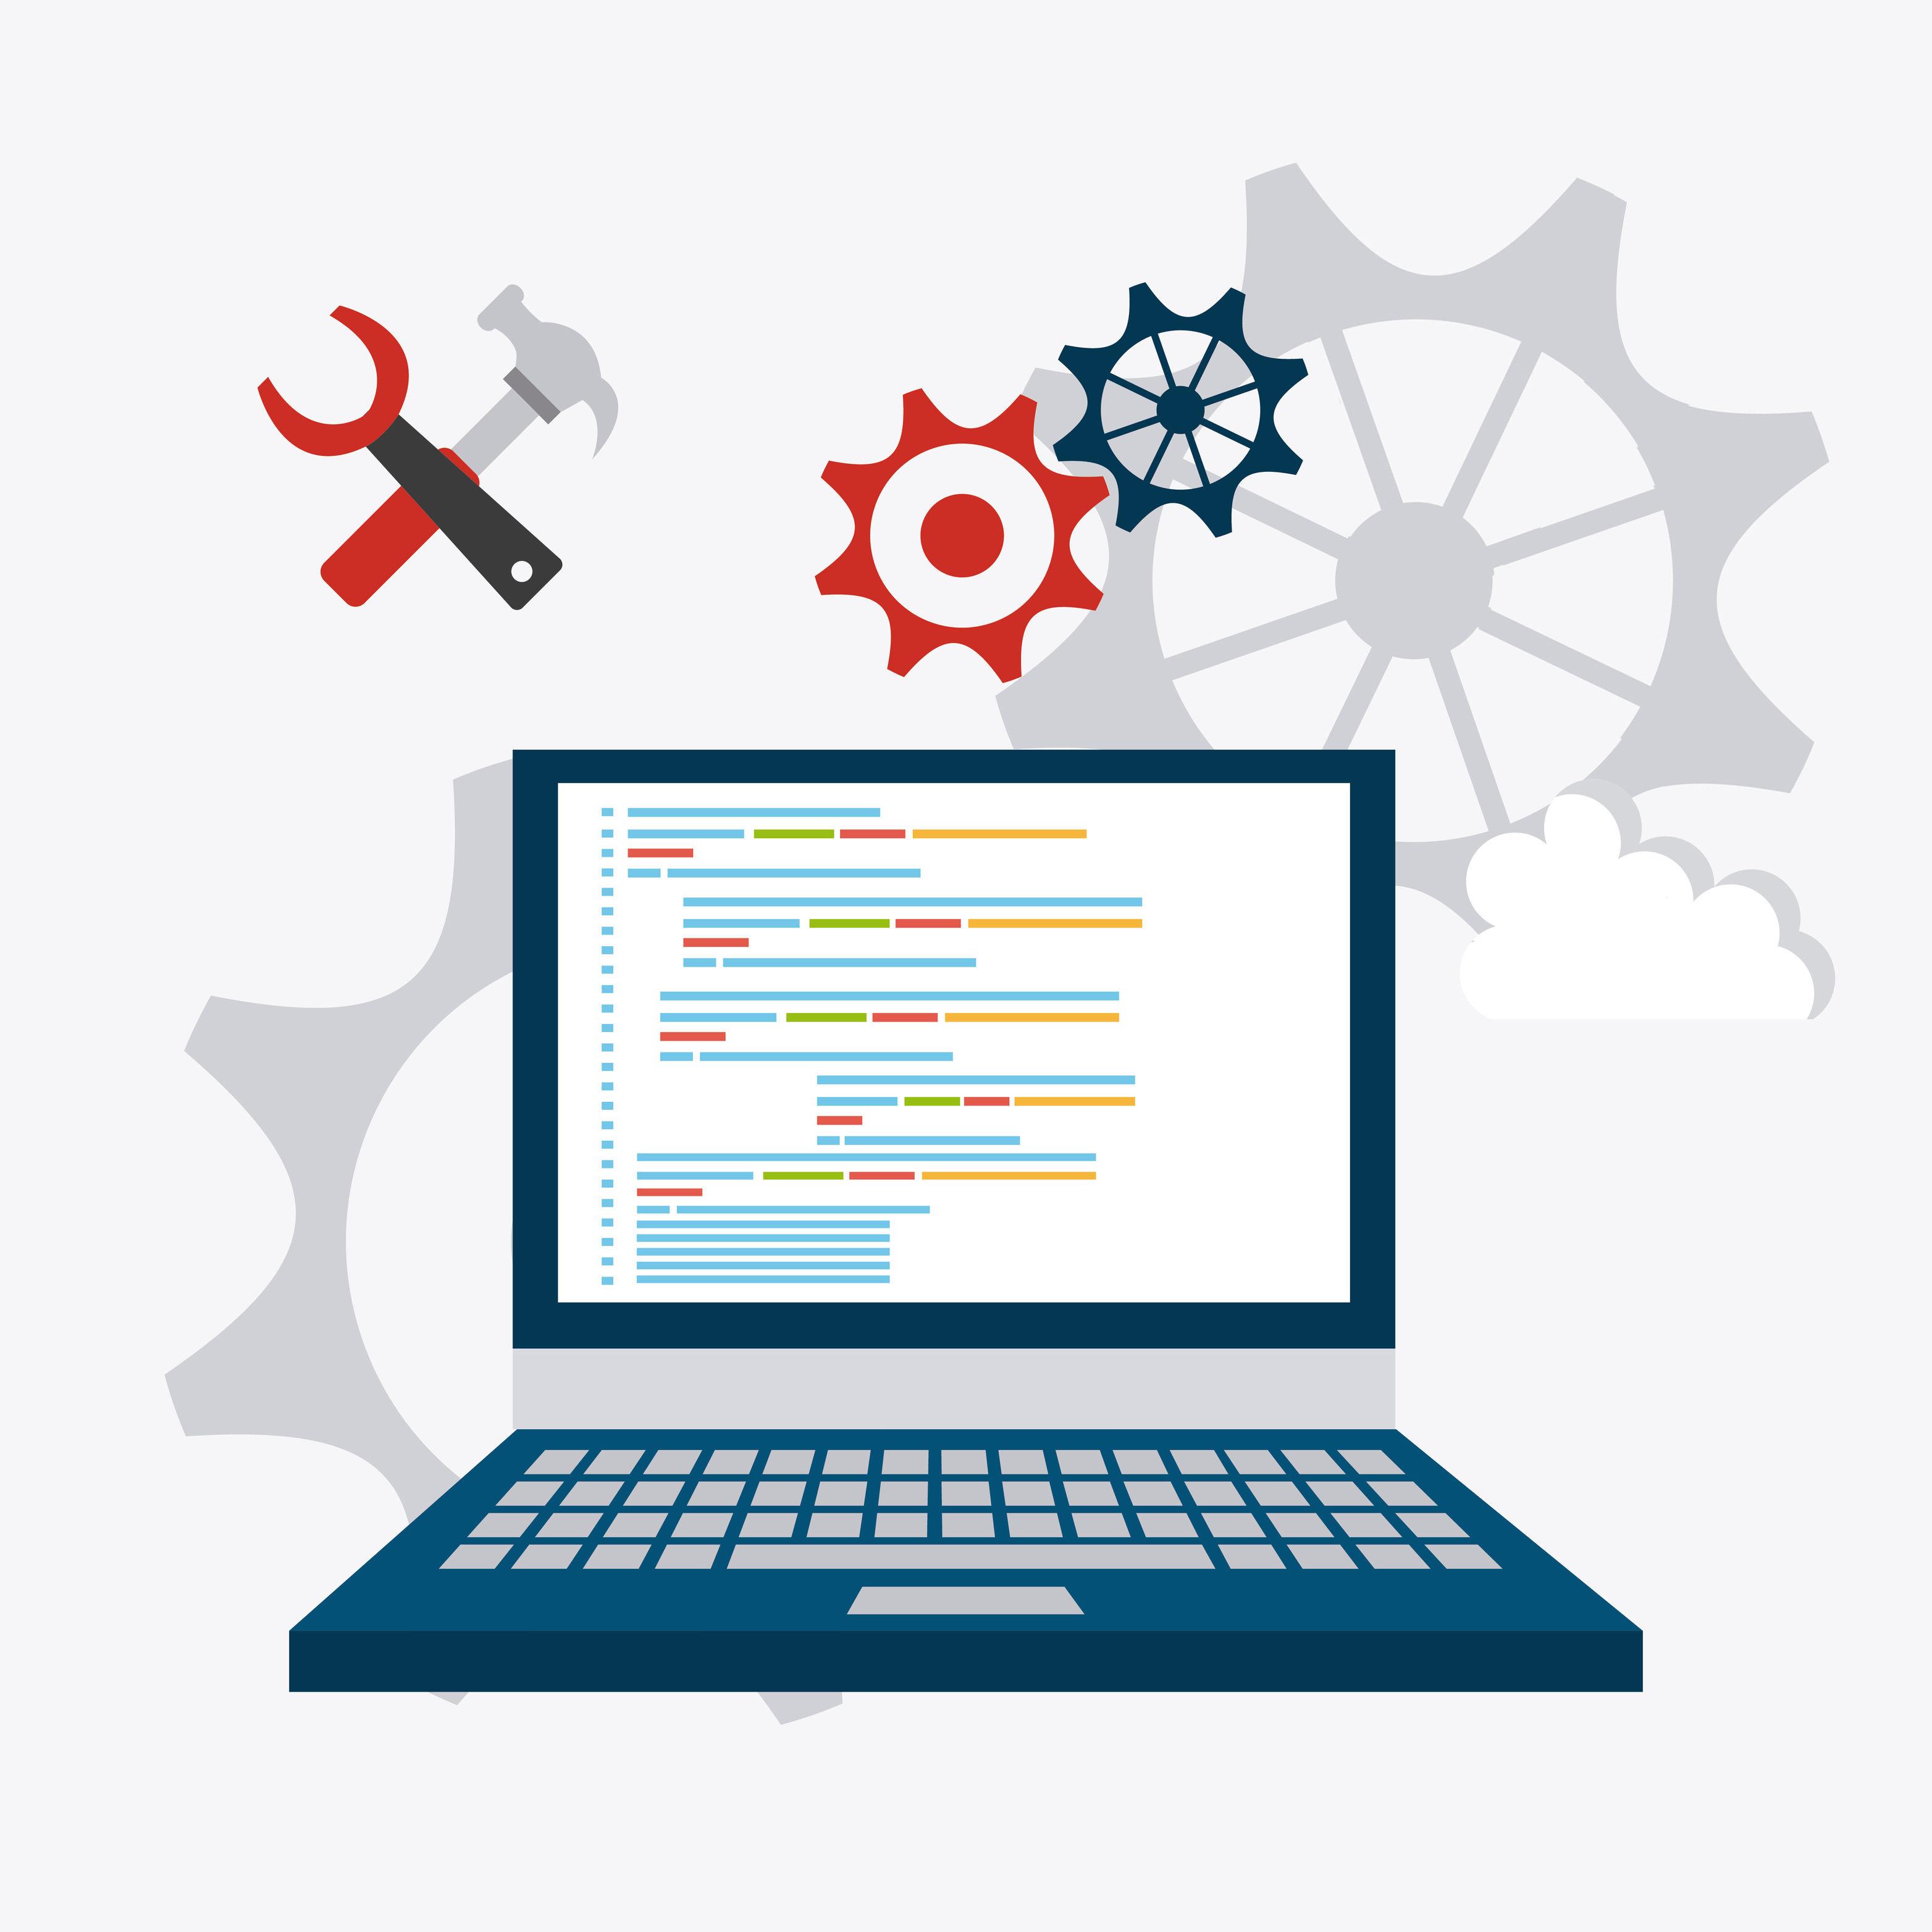 ideen gemeinsam entwickeln software